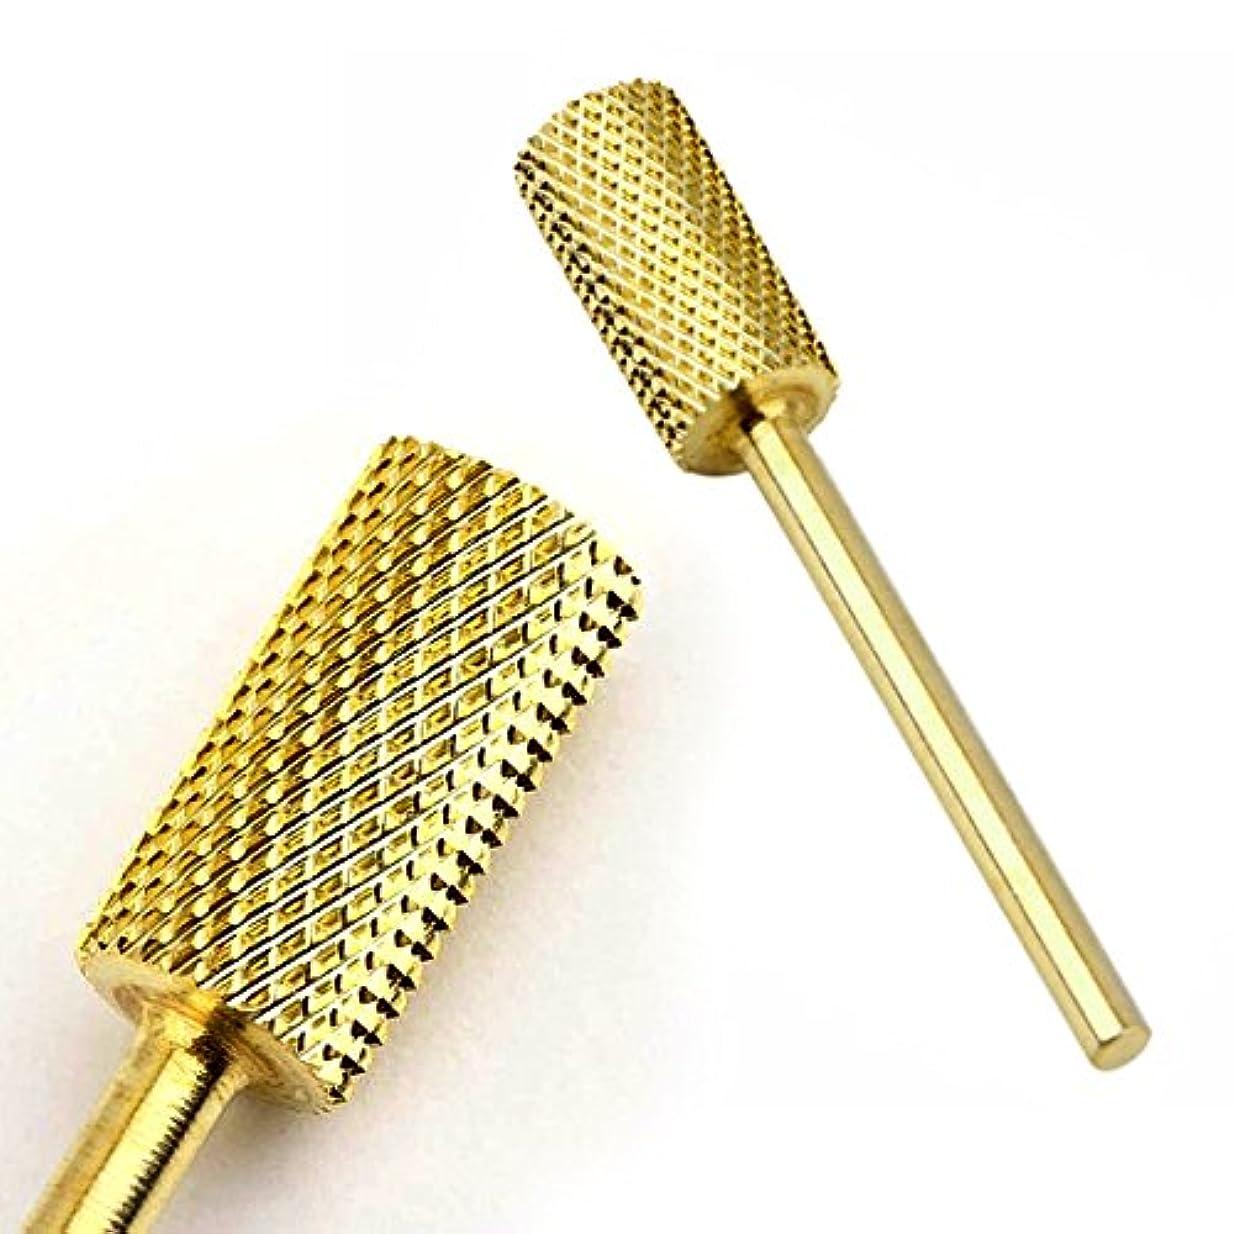 認識アソシエイトカーテンネイルマシーン用ビット ゴールドカラービット アクリルや厚いハードジェルのオフ除去に最適 ゴールドカラーの付け替えアタッチメント ネイルマシン用 ジェルネイルオフ